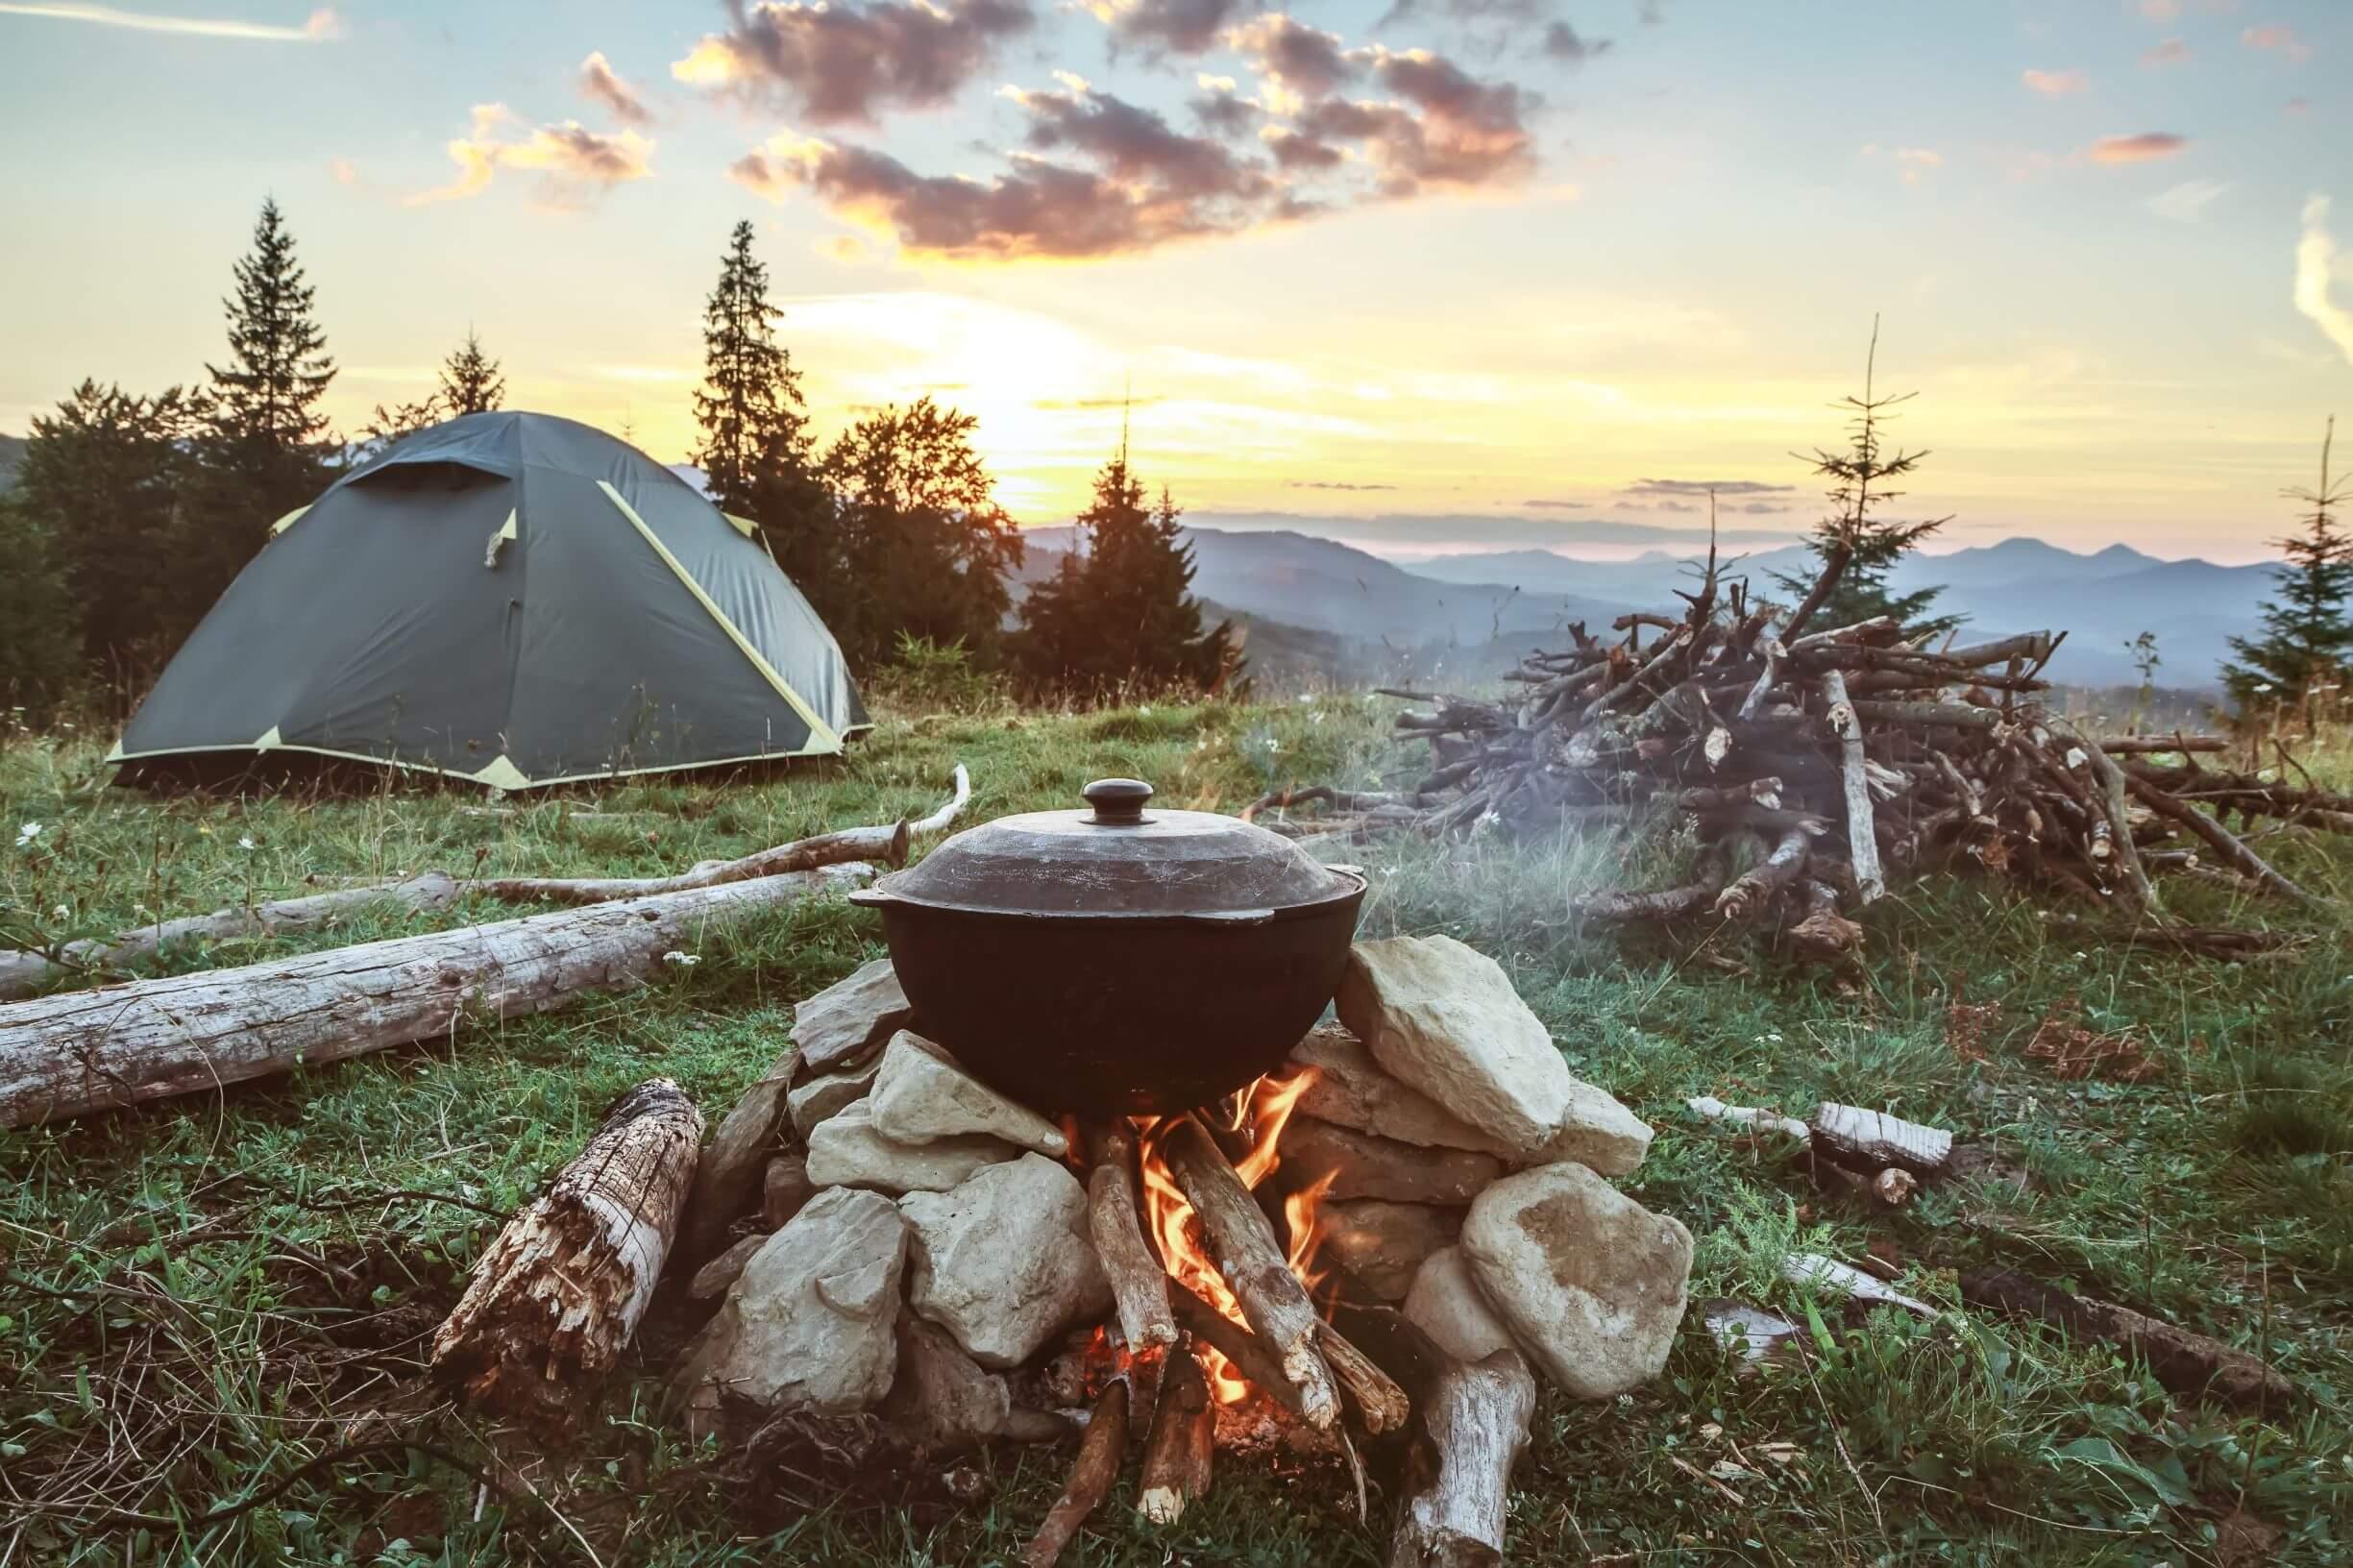 Zelt, Feuer und Kochen unter freiem Himmel